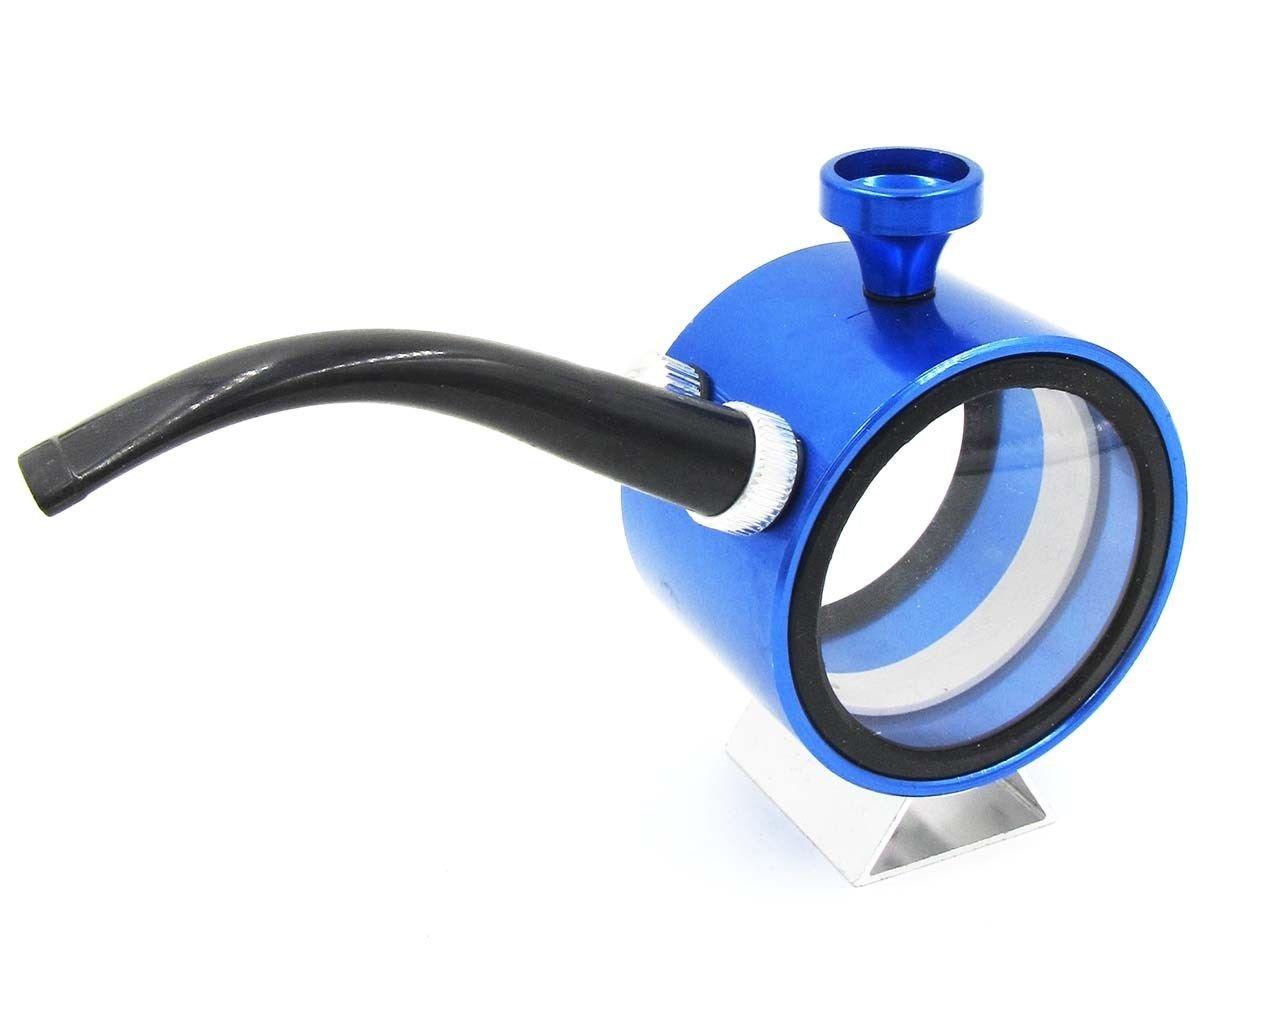 Pipa de Agua Mini De Metal modelo 10437 -  Pipa de Agua Mini con cuerpo de metal para mayor resistencia. Diseño de tetera. Diseño muy colorido. Altura:8.5 cm Colores disponibles: Azul, Negro, Rosa            - http://buscacomercio.es/producto/pipa-de-agua-mini-de-metal-modelo-10437/